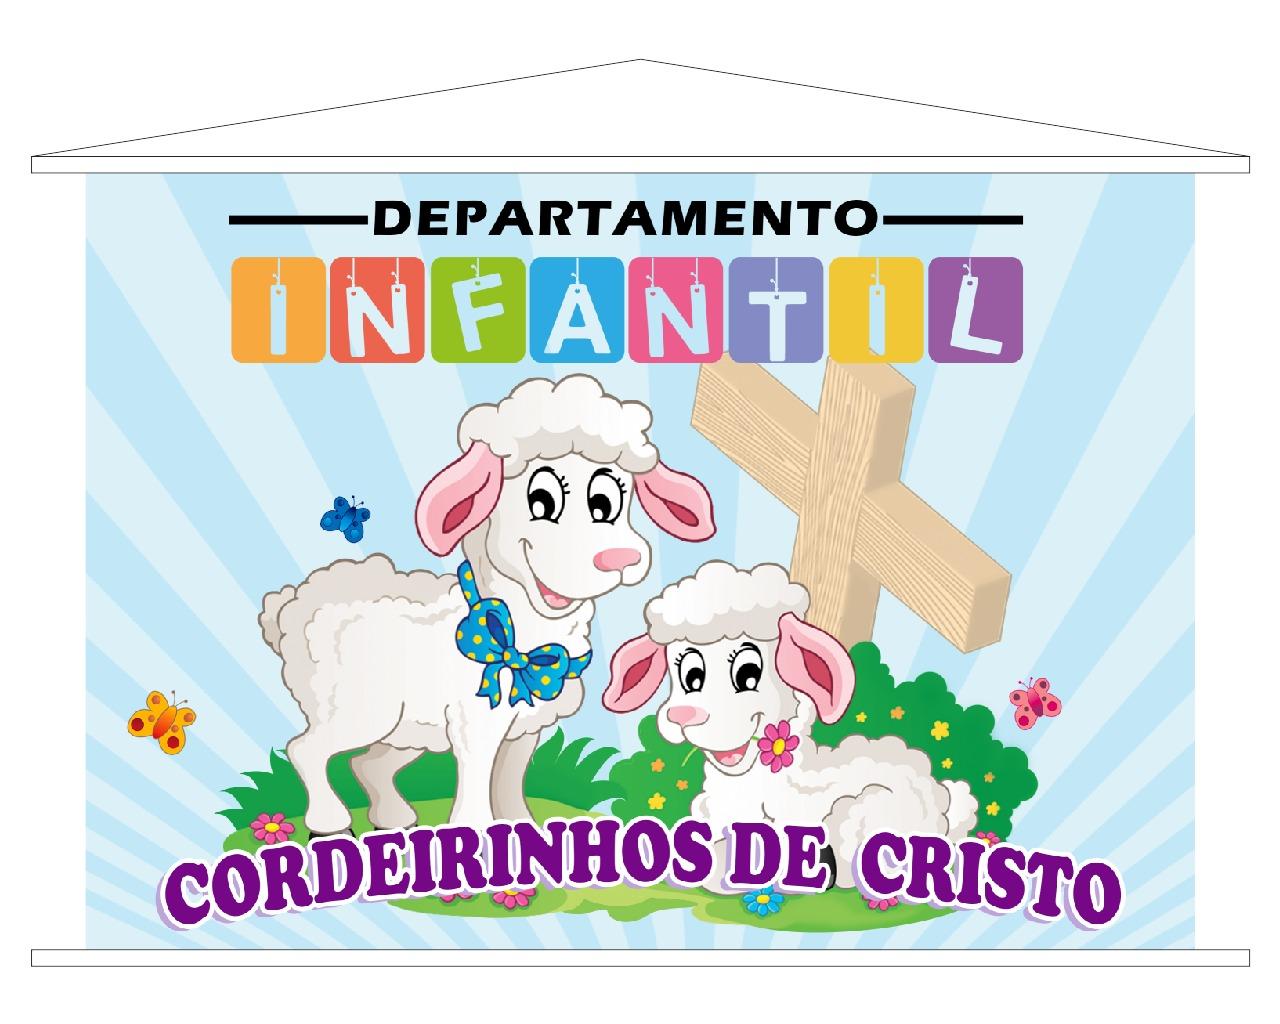 408a2d3021a9 Conectar Kids: BANNER DEPARTAMENTO INFANTIL - AD NOVA GERAÇÃO